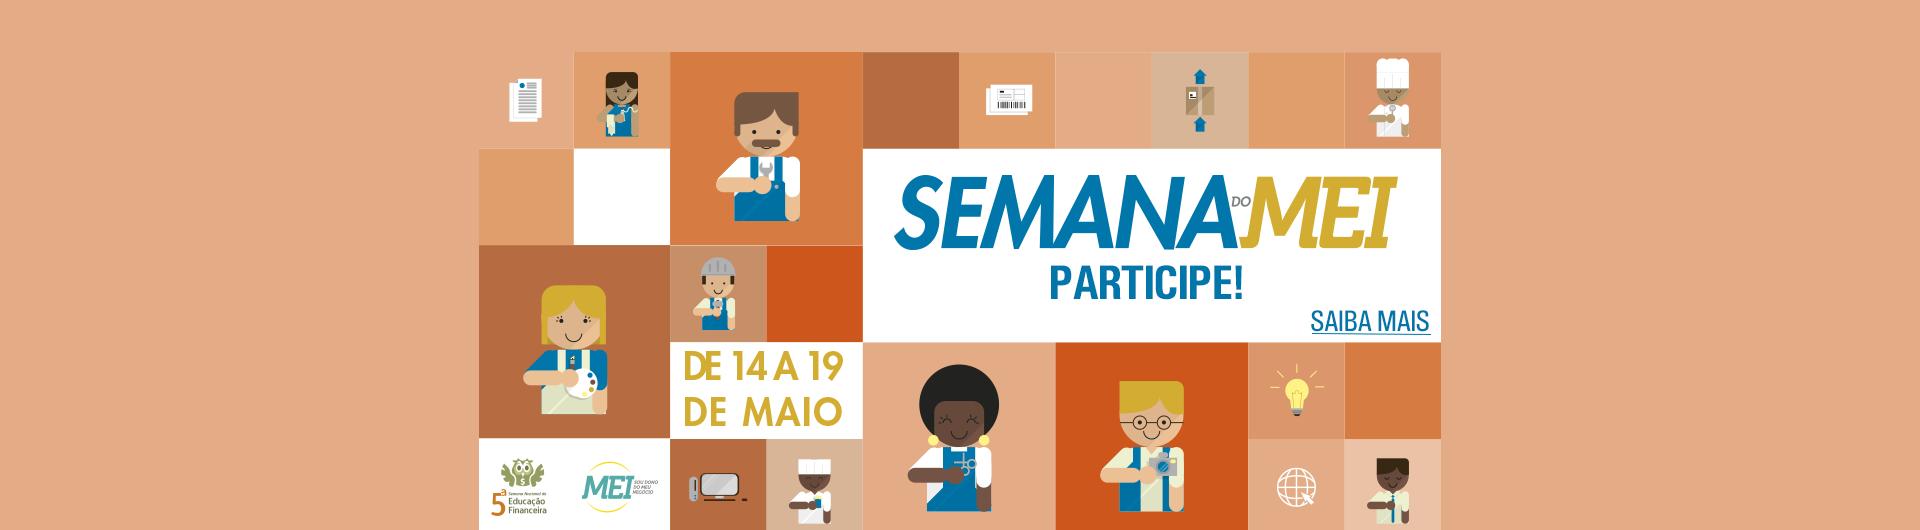 Semana do MEI reúne atividades em Marília